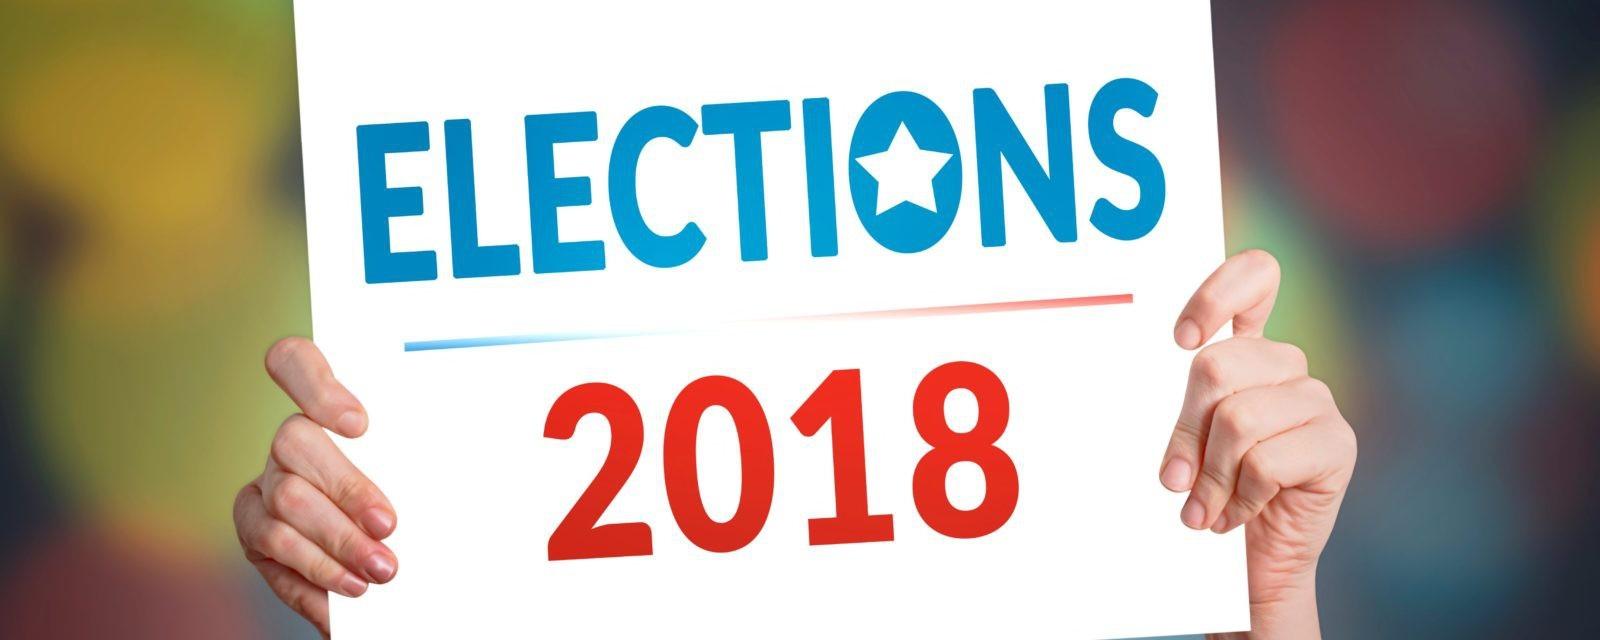 Bầu cử giữa nhiệm kỳ: Cuộc chiến giữa hai phe voi - lừa trong quốc hội Mỹ - Ảnh 1.